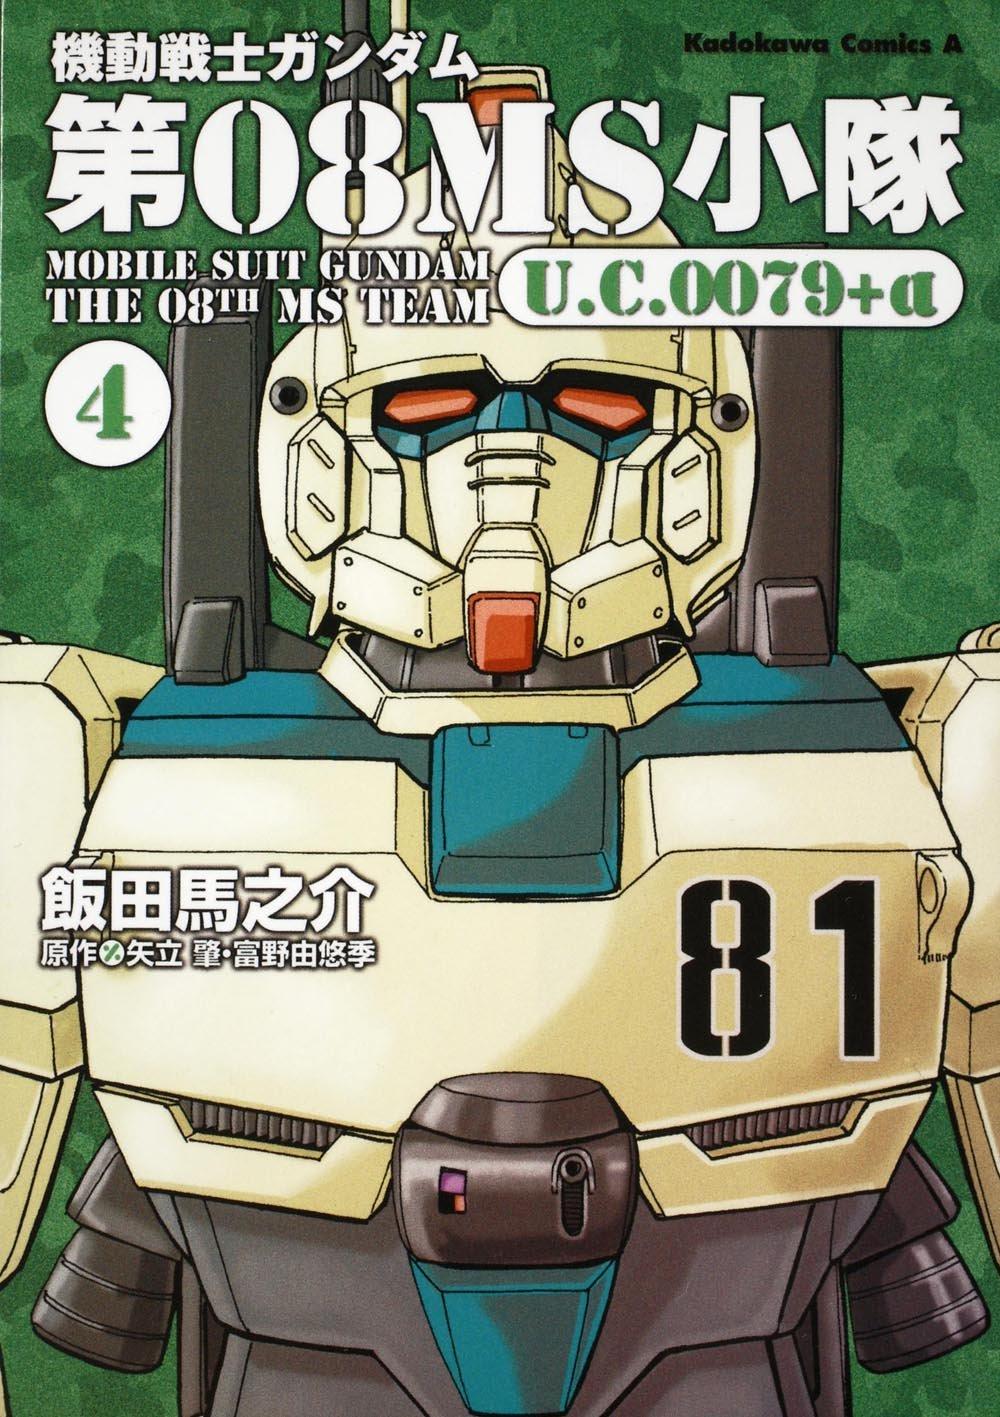 機動戦士ガンダム第08MS小隊U.C.0079+α 04